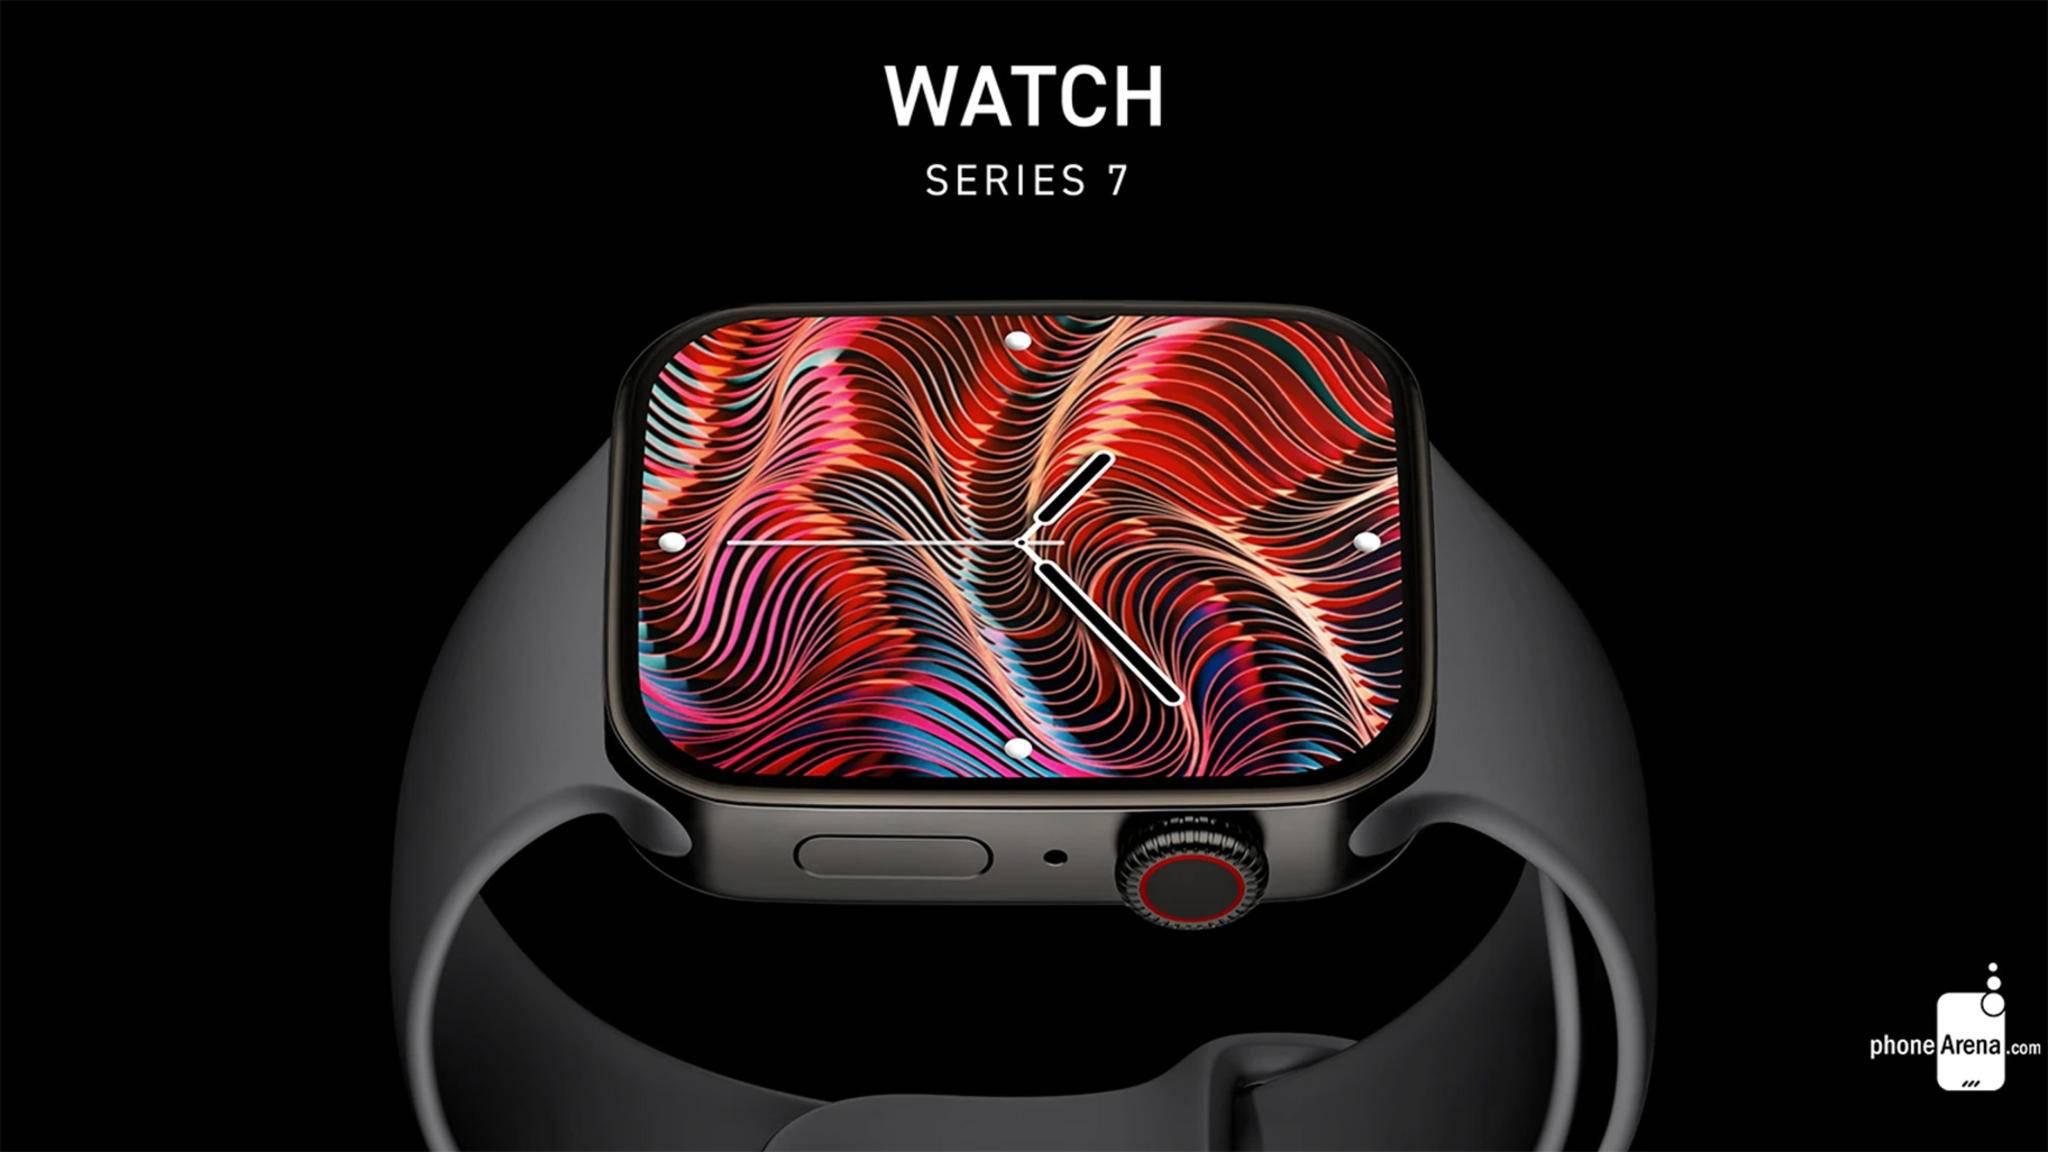 Zum Release wird die Apple Watch Series 7 wohl nur eingeschränkt verfügbar sein.